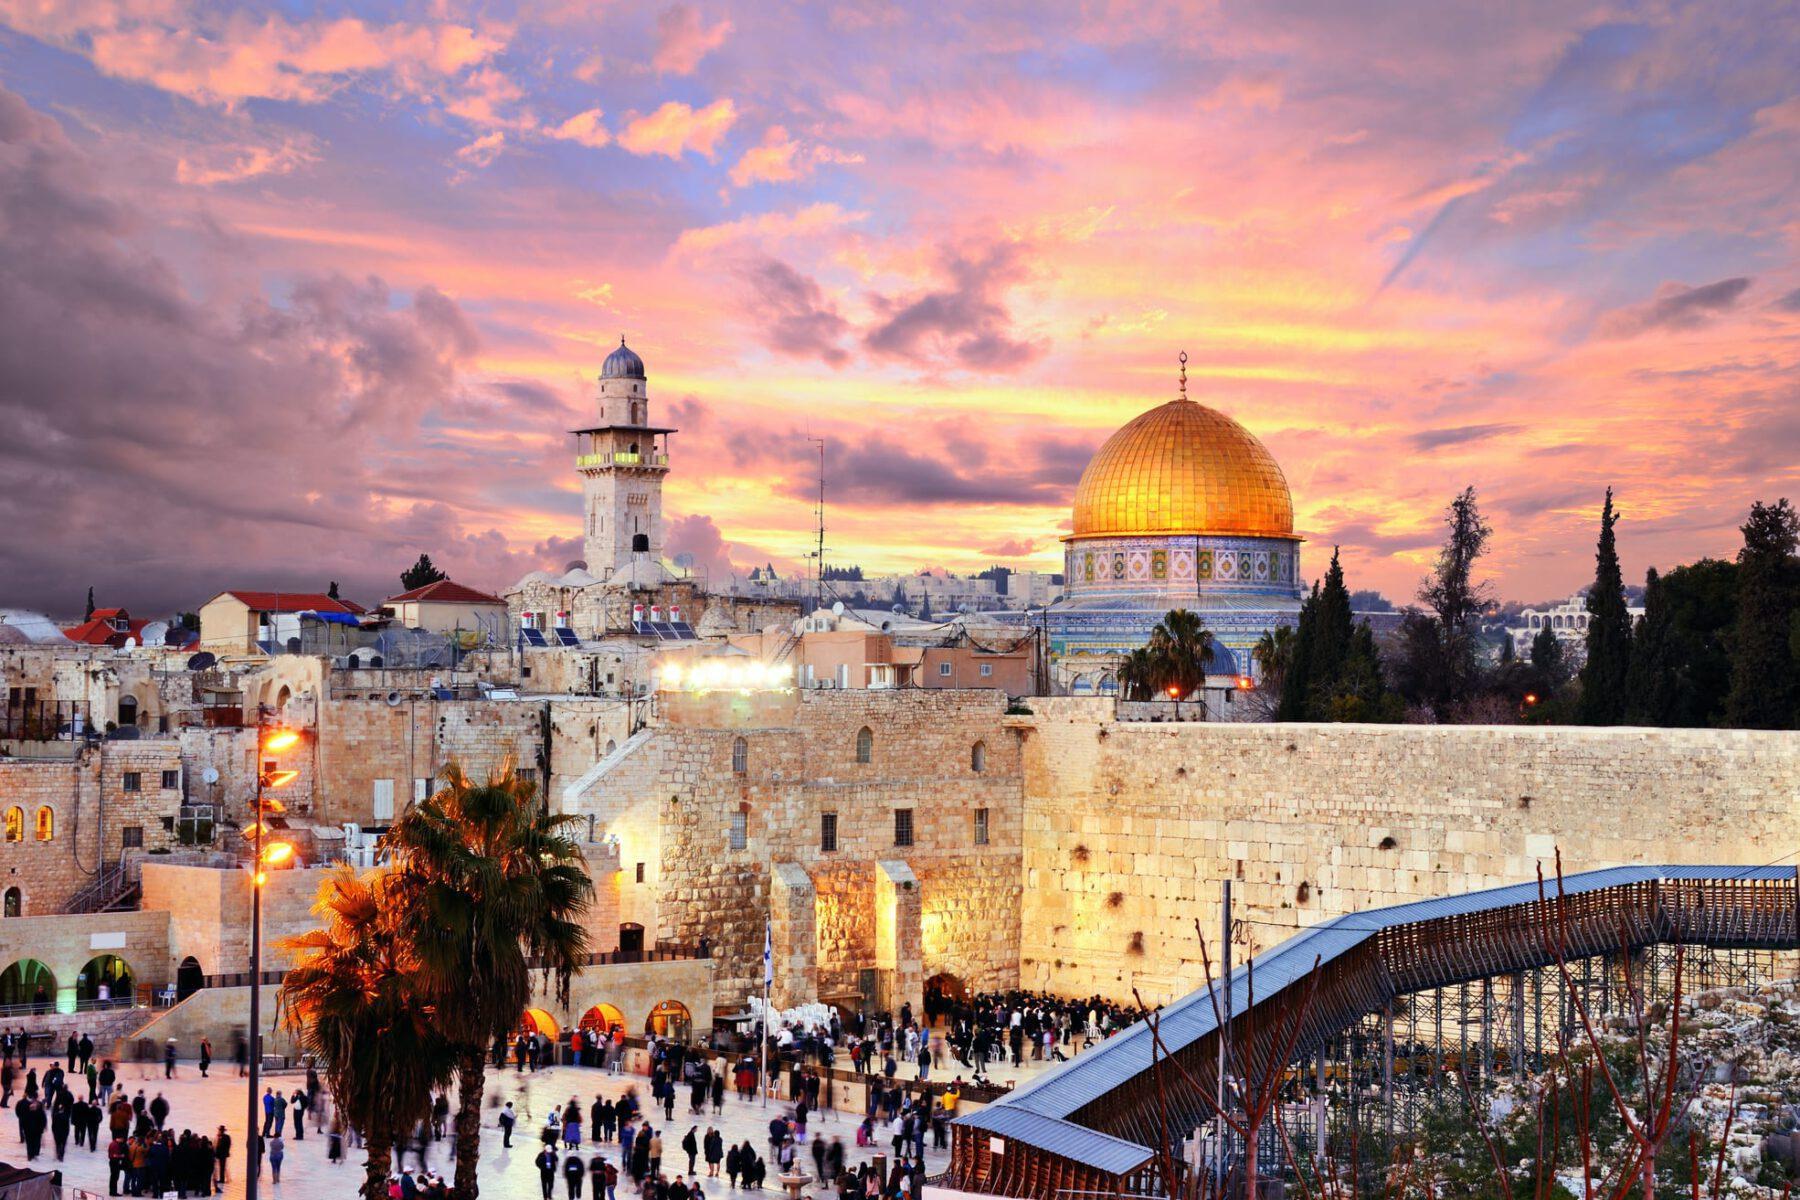 Jerusalem-kotel-western-wall